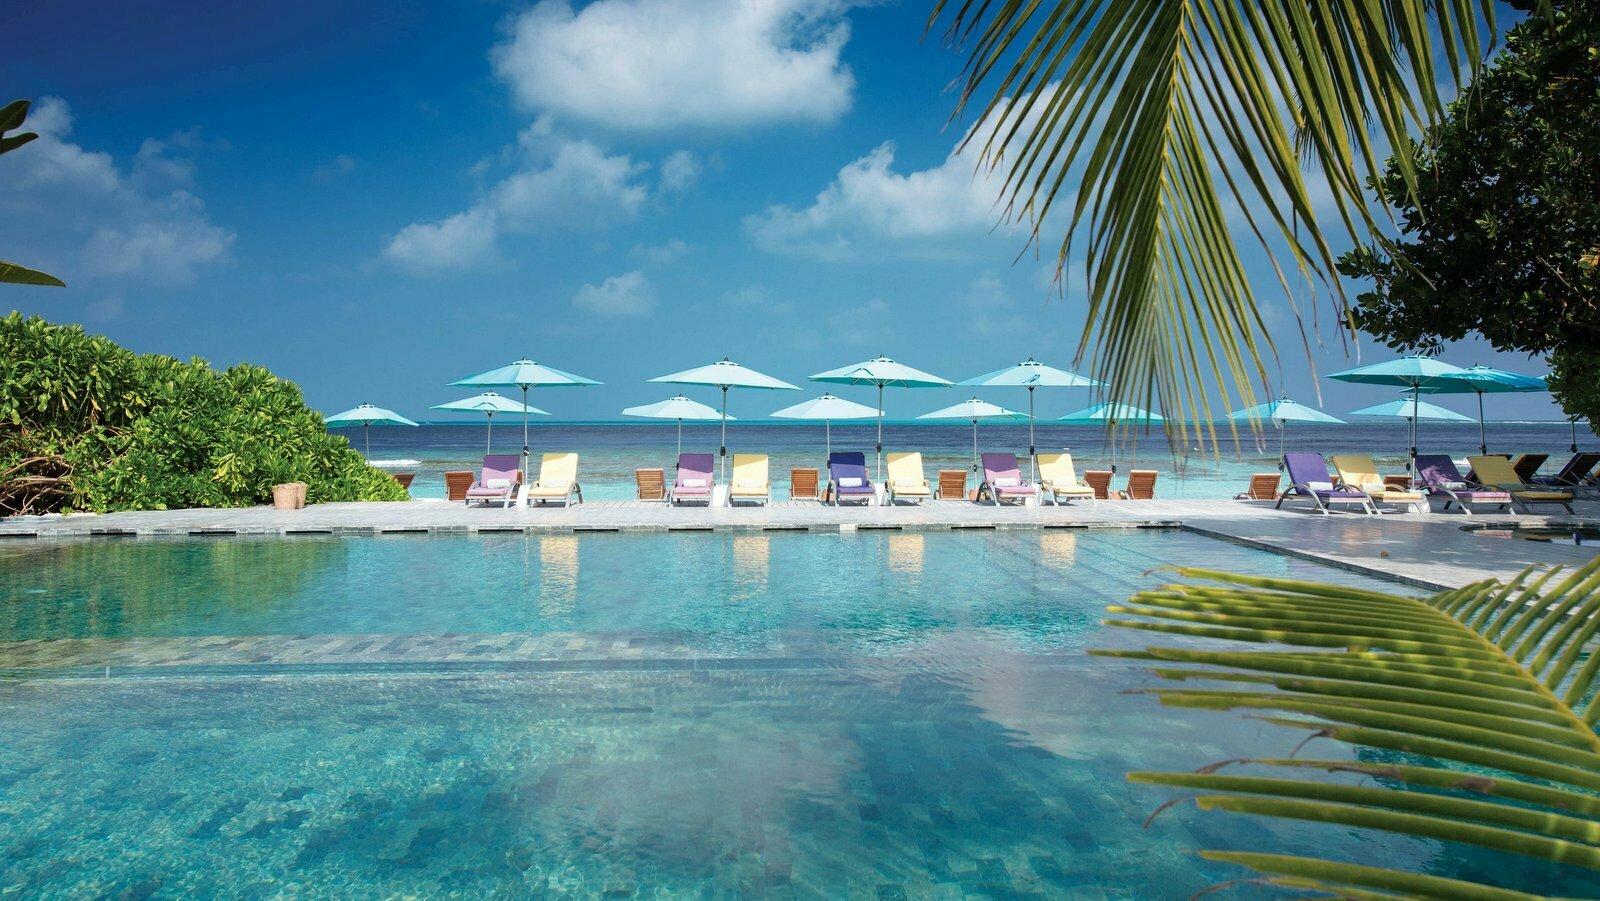 Мальдивы, отель OBLU by Atmosphere at Helengeli, бассейн